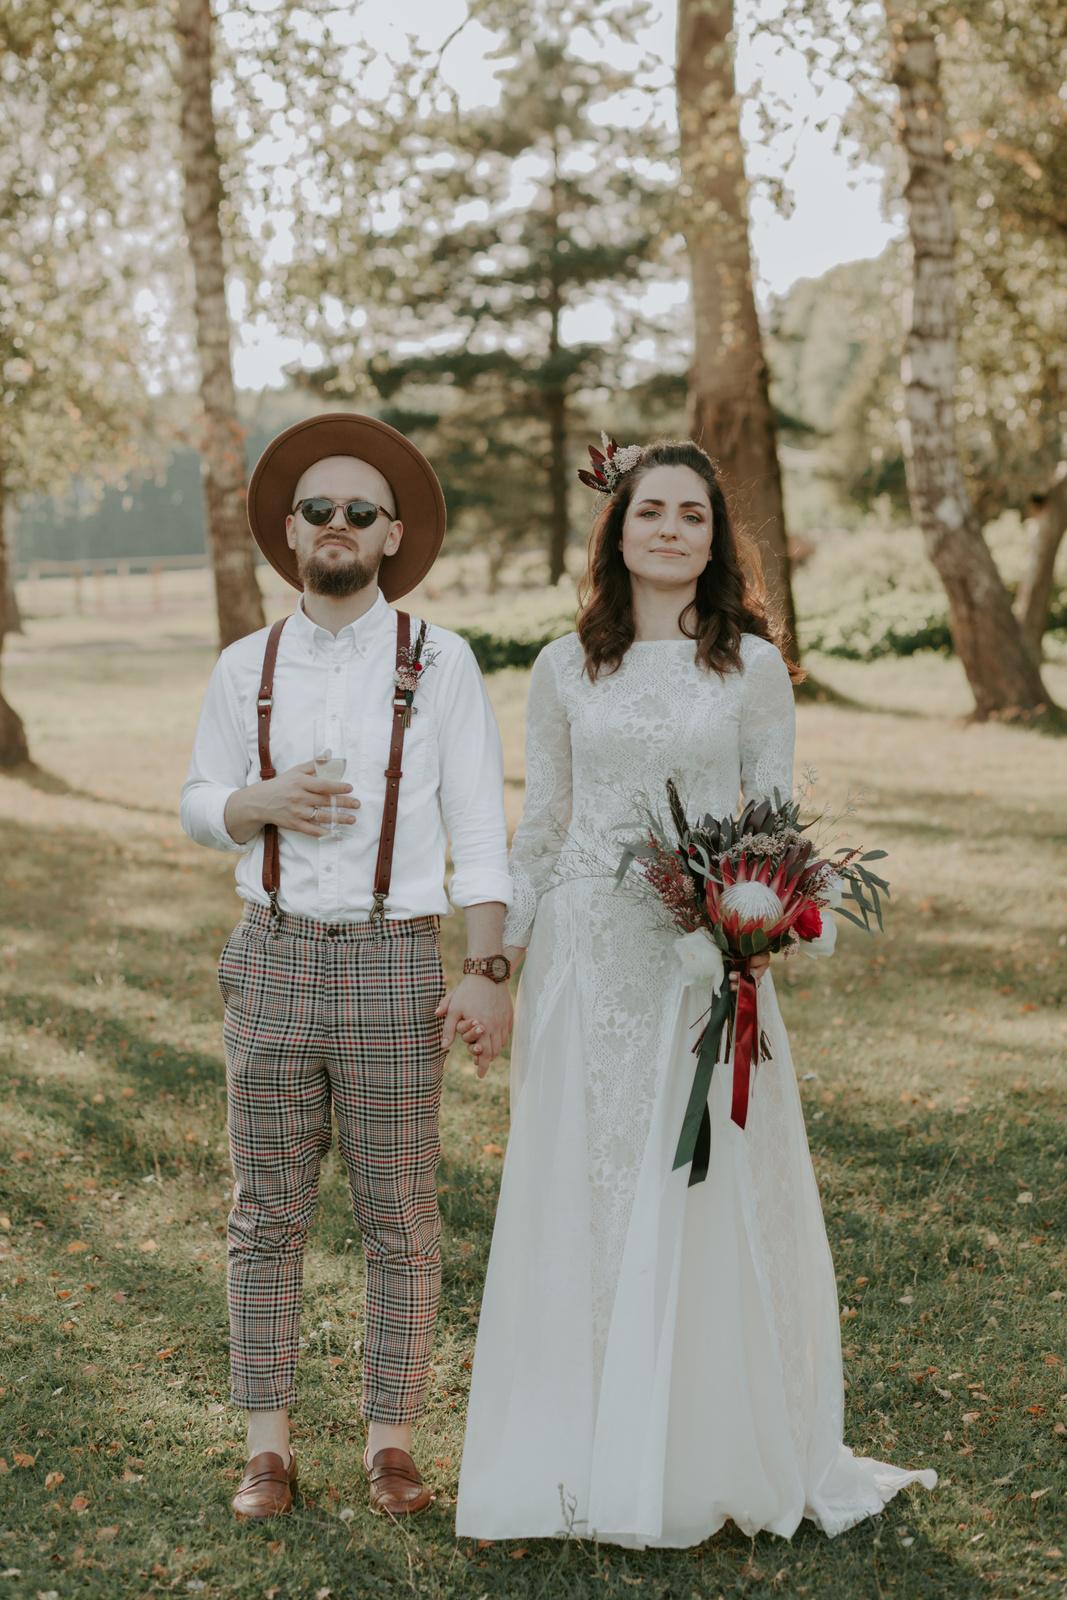 Атмосферная бохо-свадьба под открытым небом